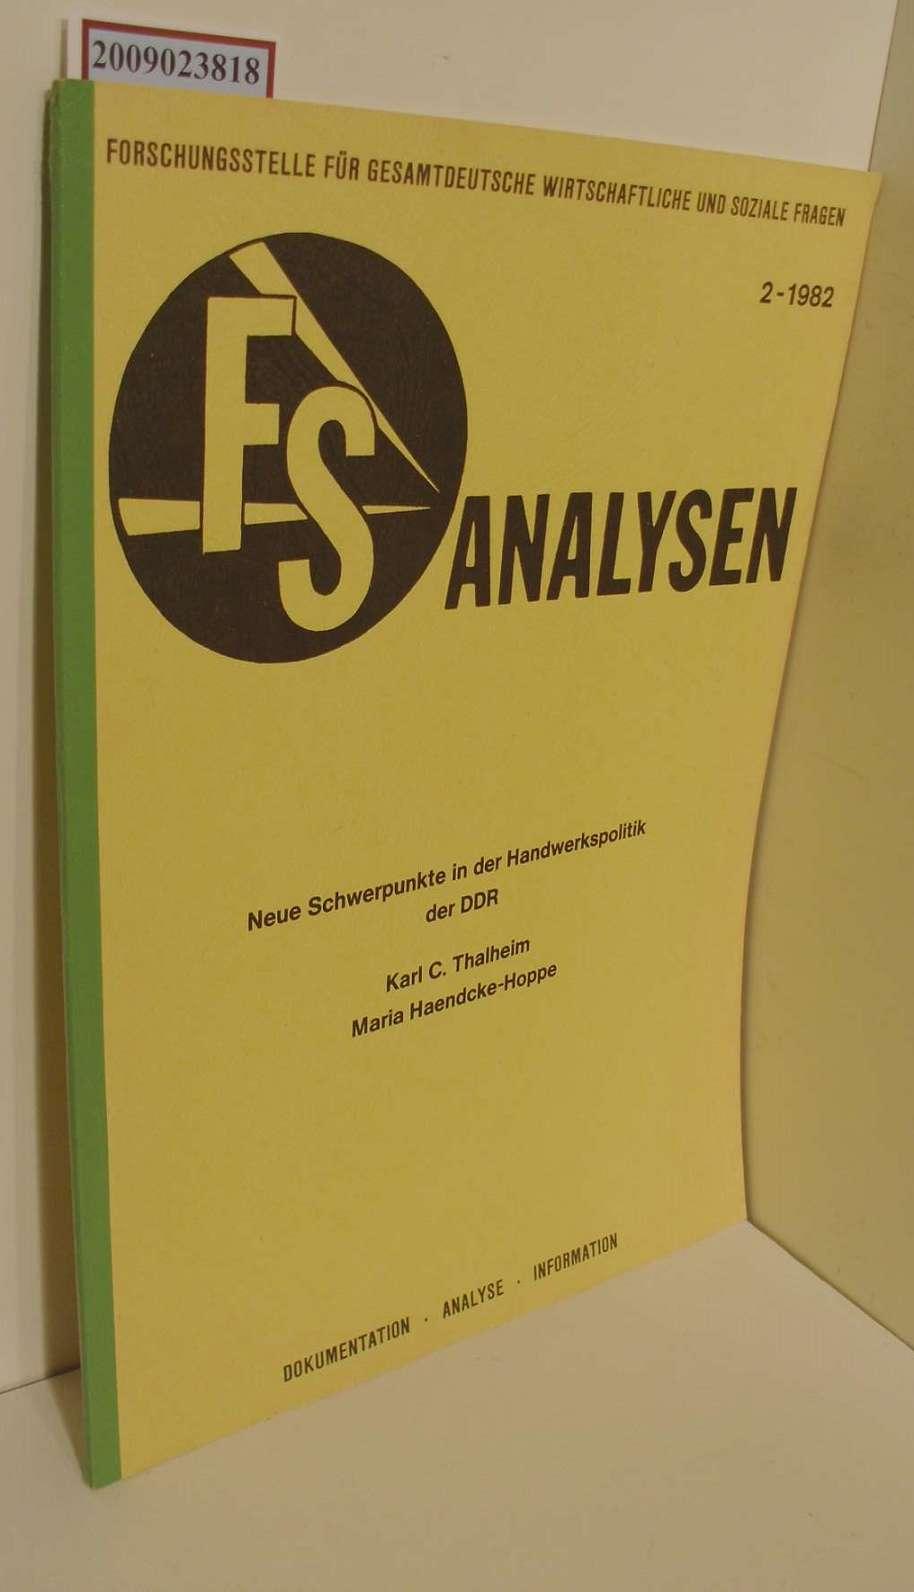 FS Analysen: Neue Schwerpunkte in der Handwerkspolitik der DDR-  Forschungsstelle für Gesamtdt. Wirtschaftl. u. Soziale Fragen 2-1982